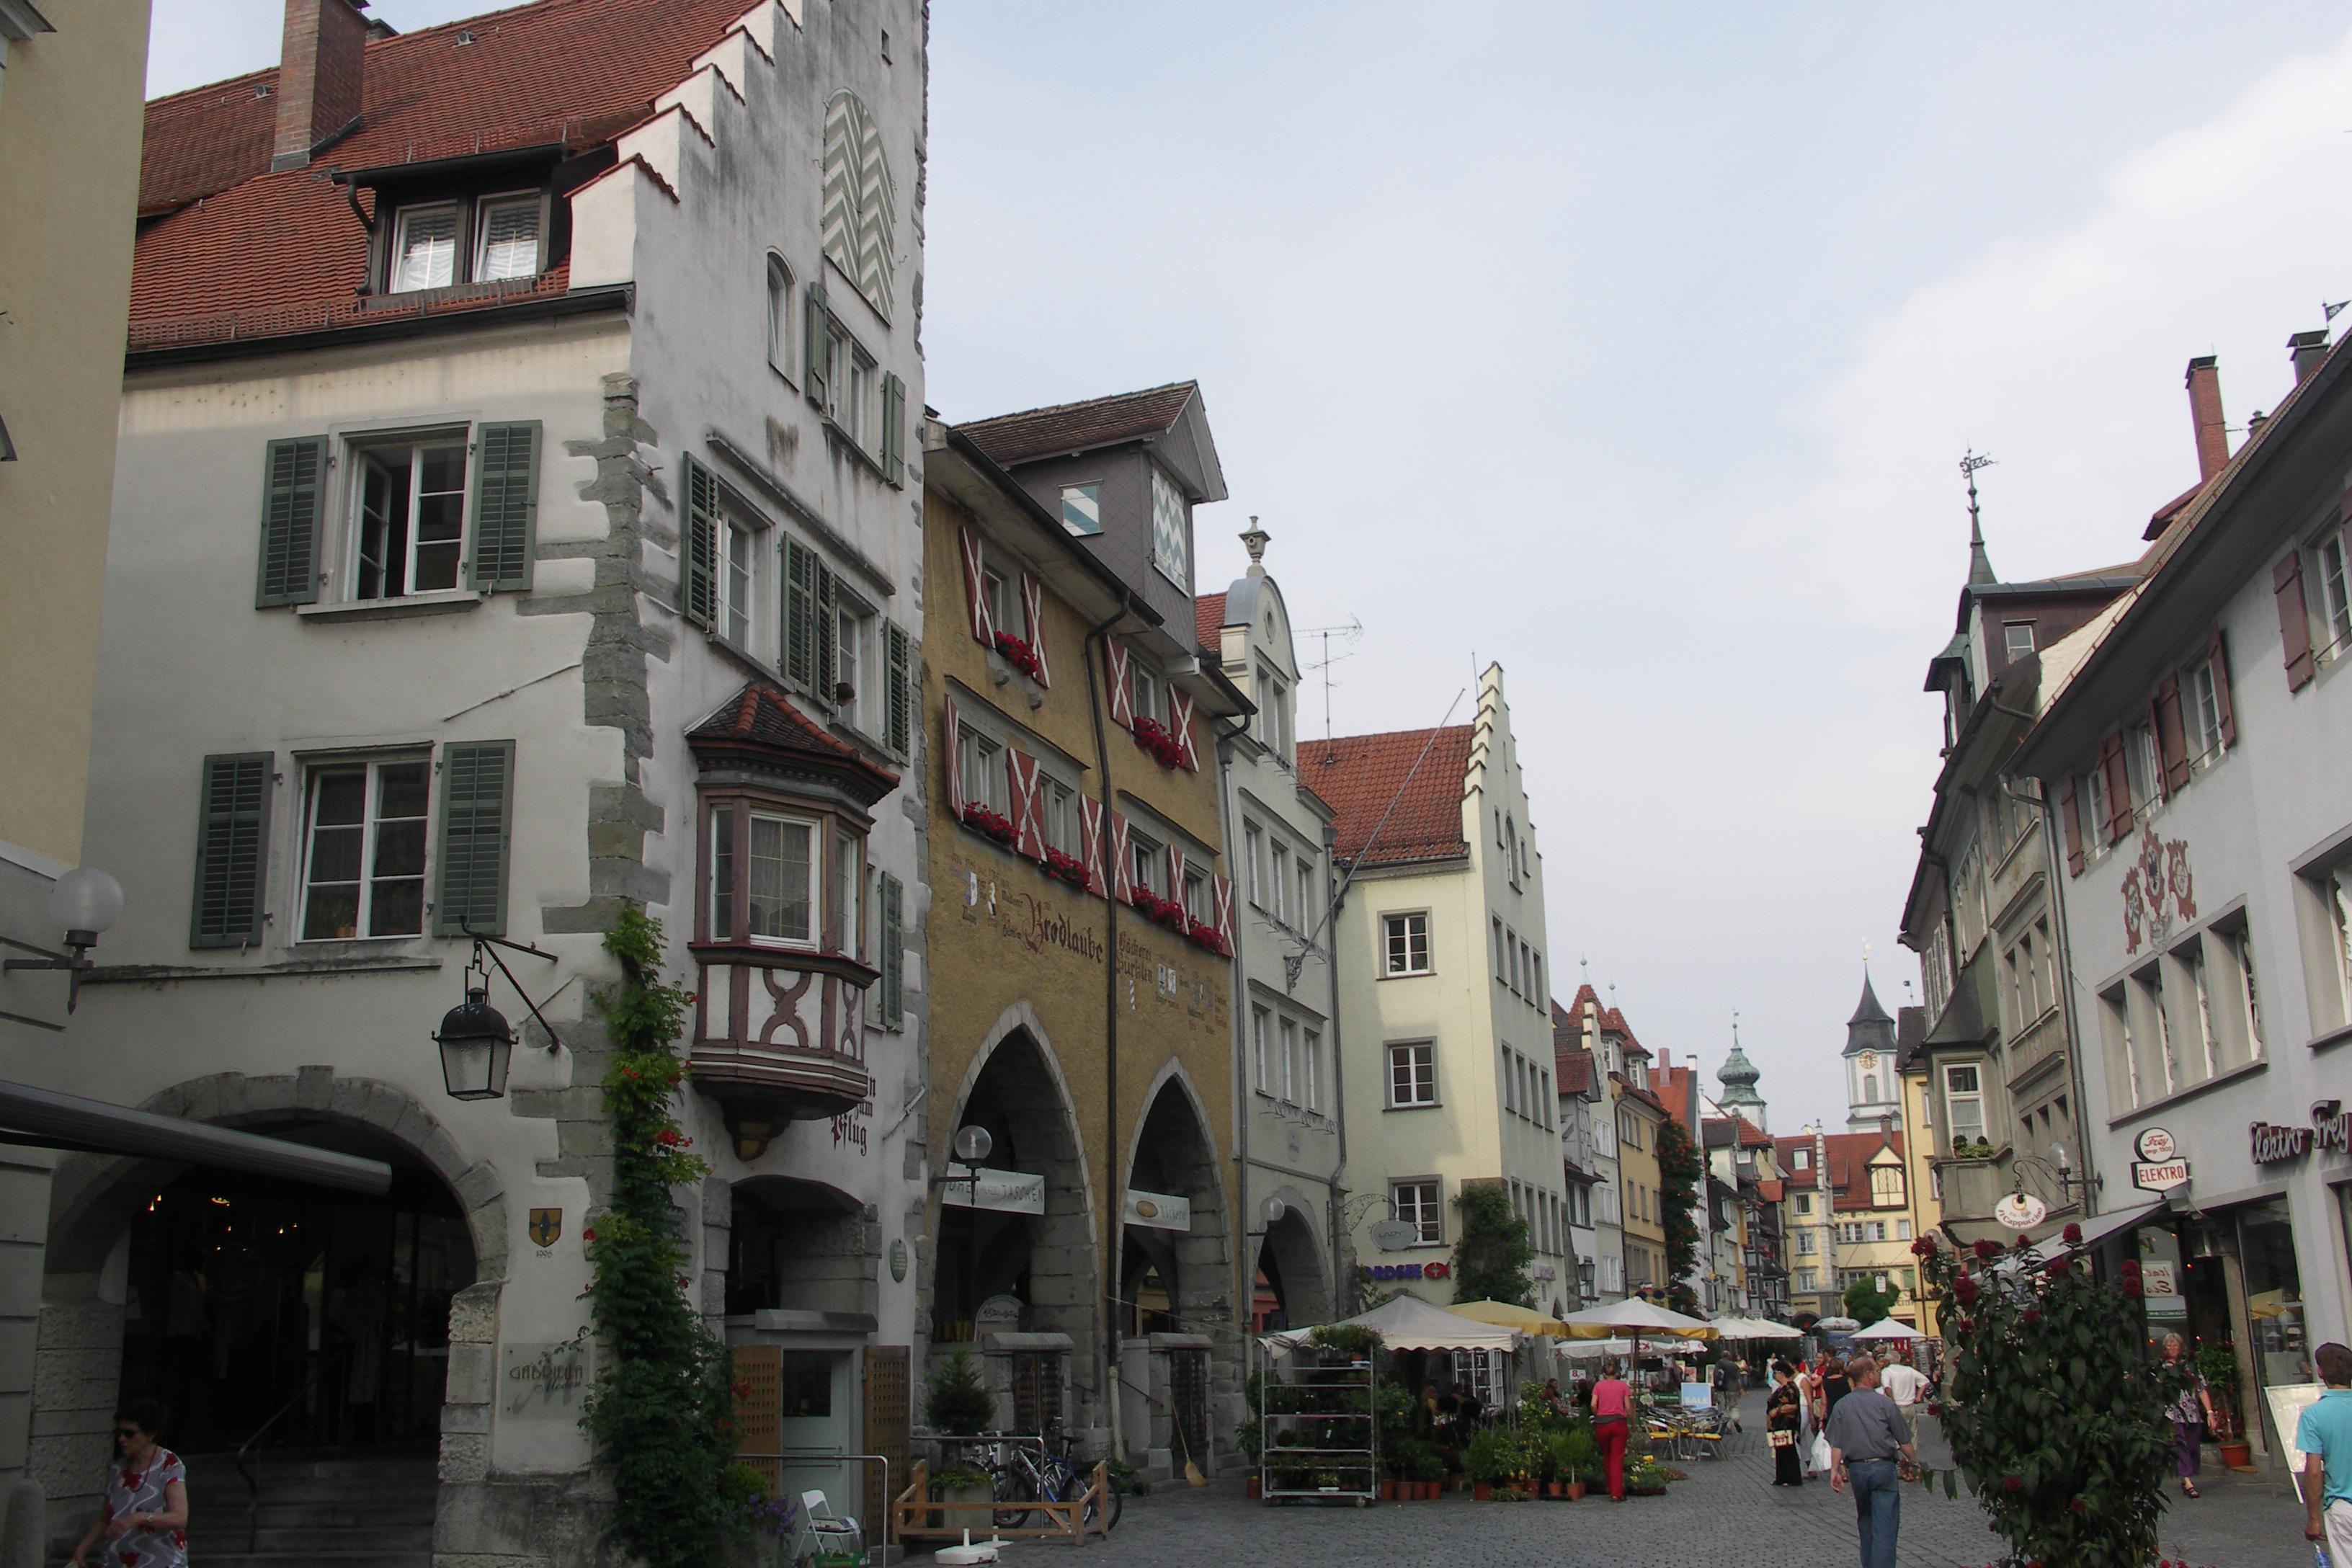 Gässchen in Lindau